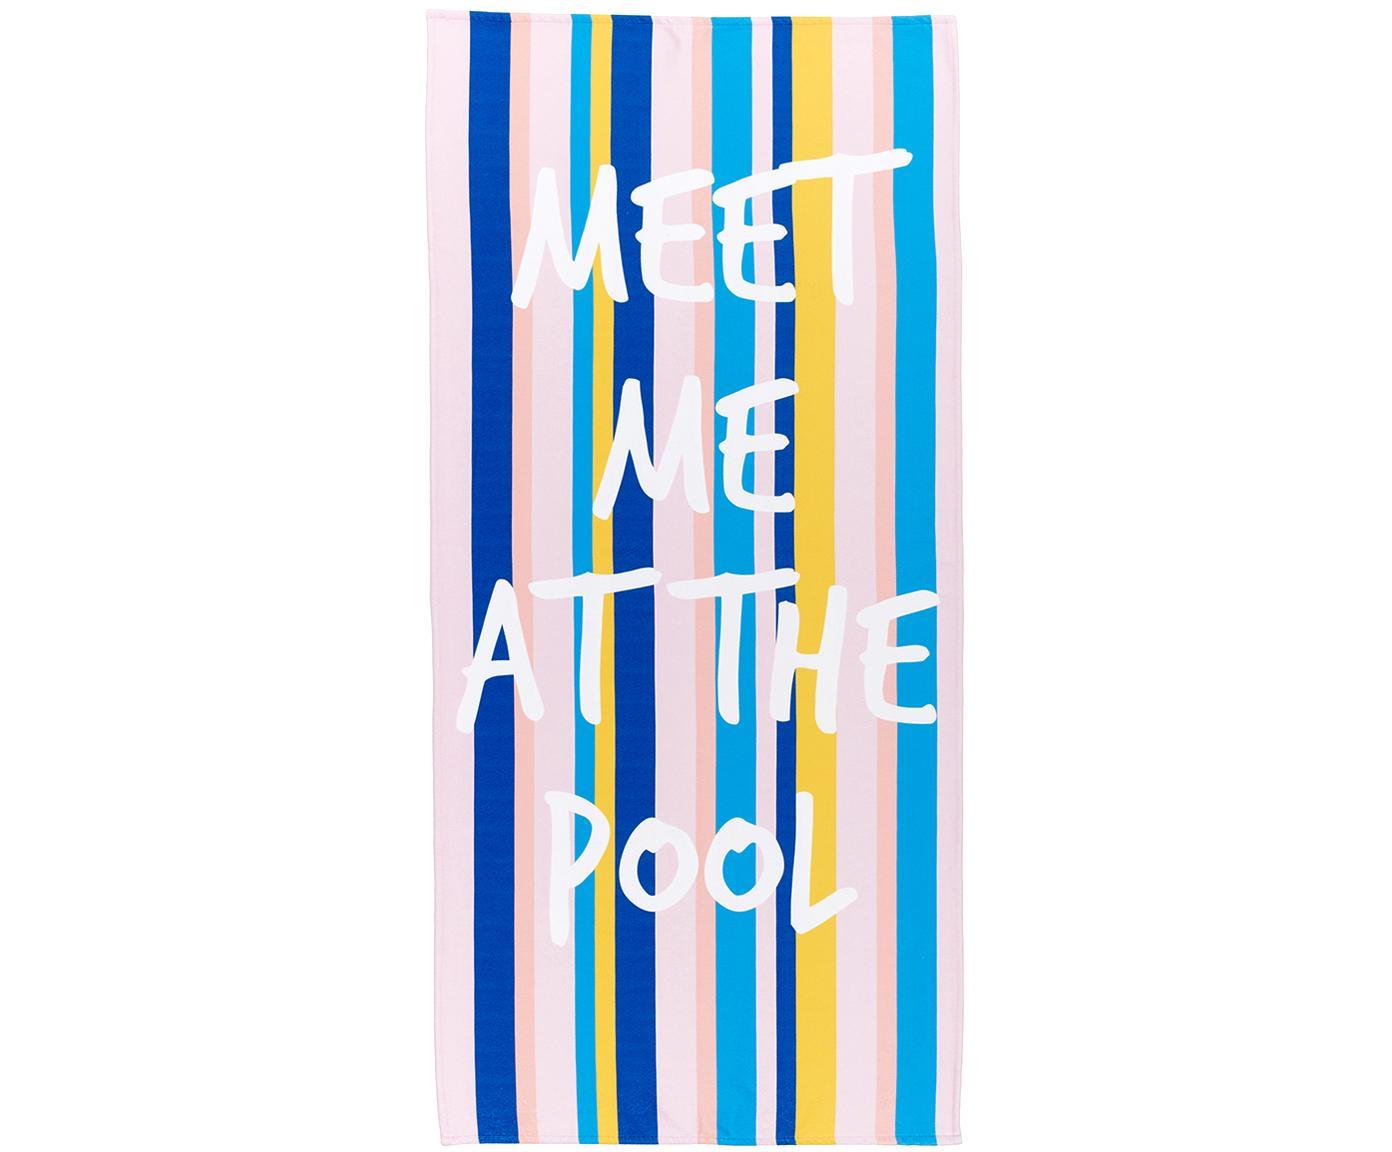 Ręcznik plażowy Meet Me, 55% poliester, 45% bawełna Bardzo niska gramatura, 340 g/m², Wielobarwny, S 70 x D 150 cm